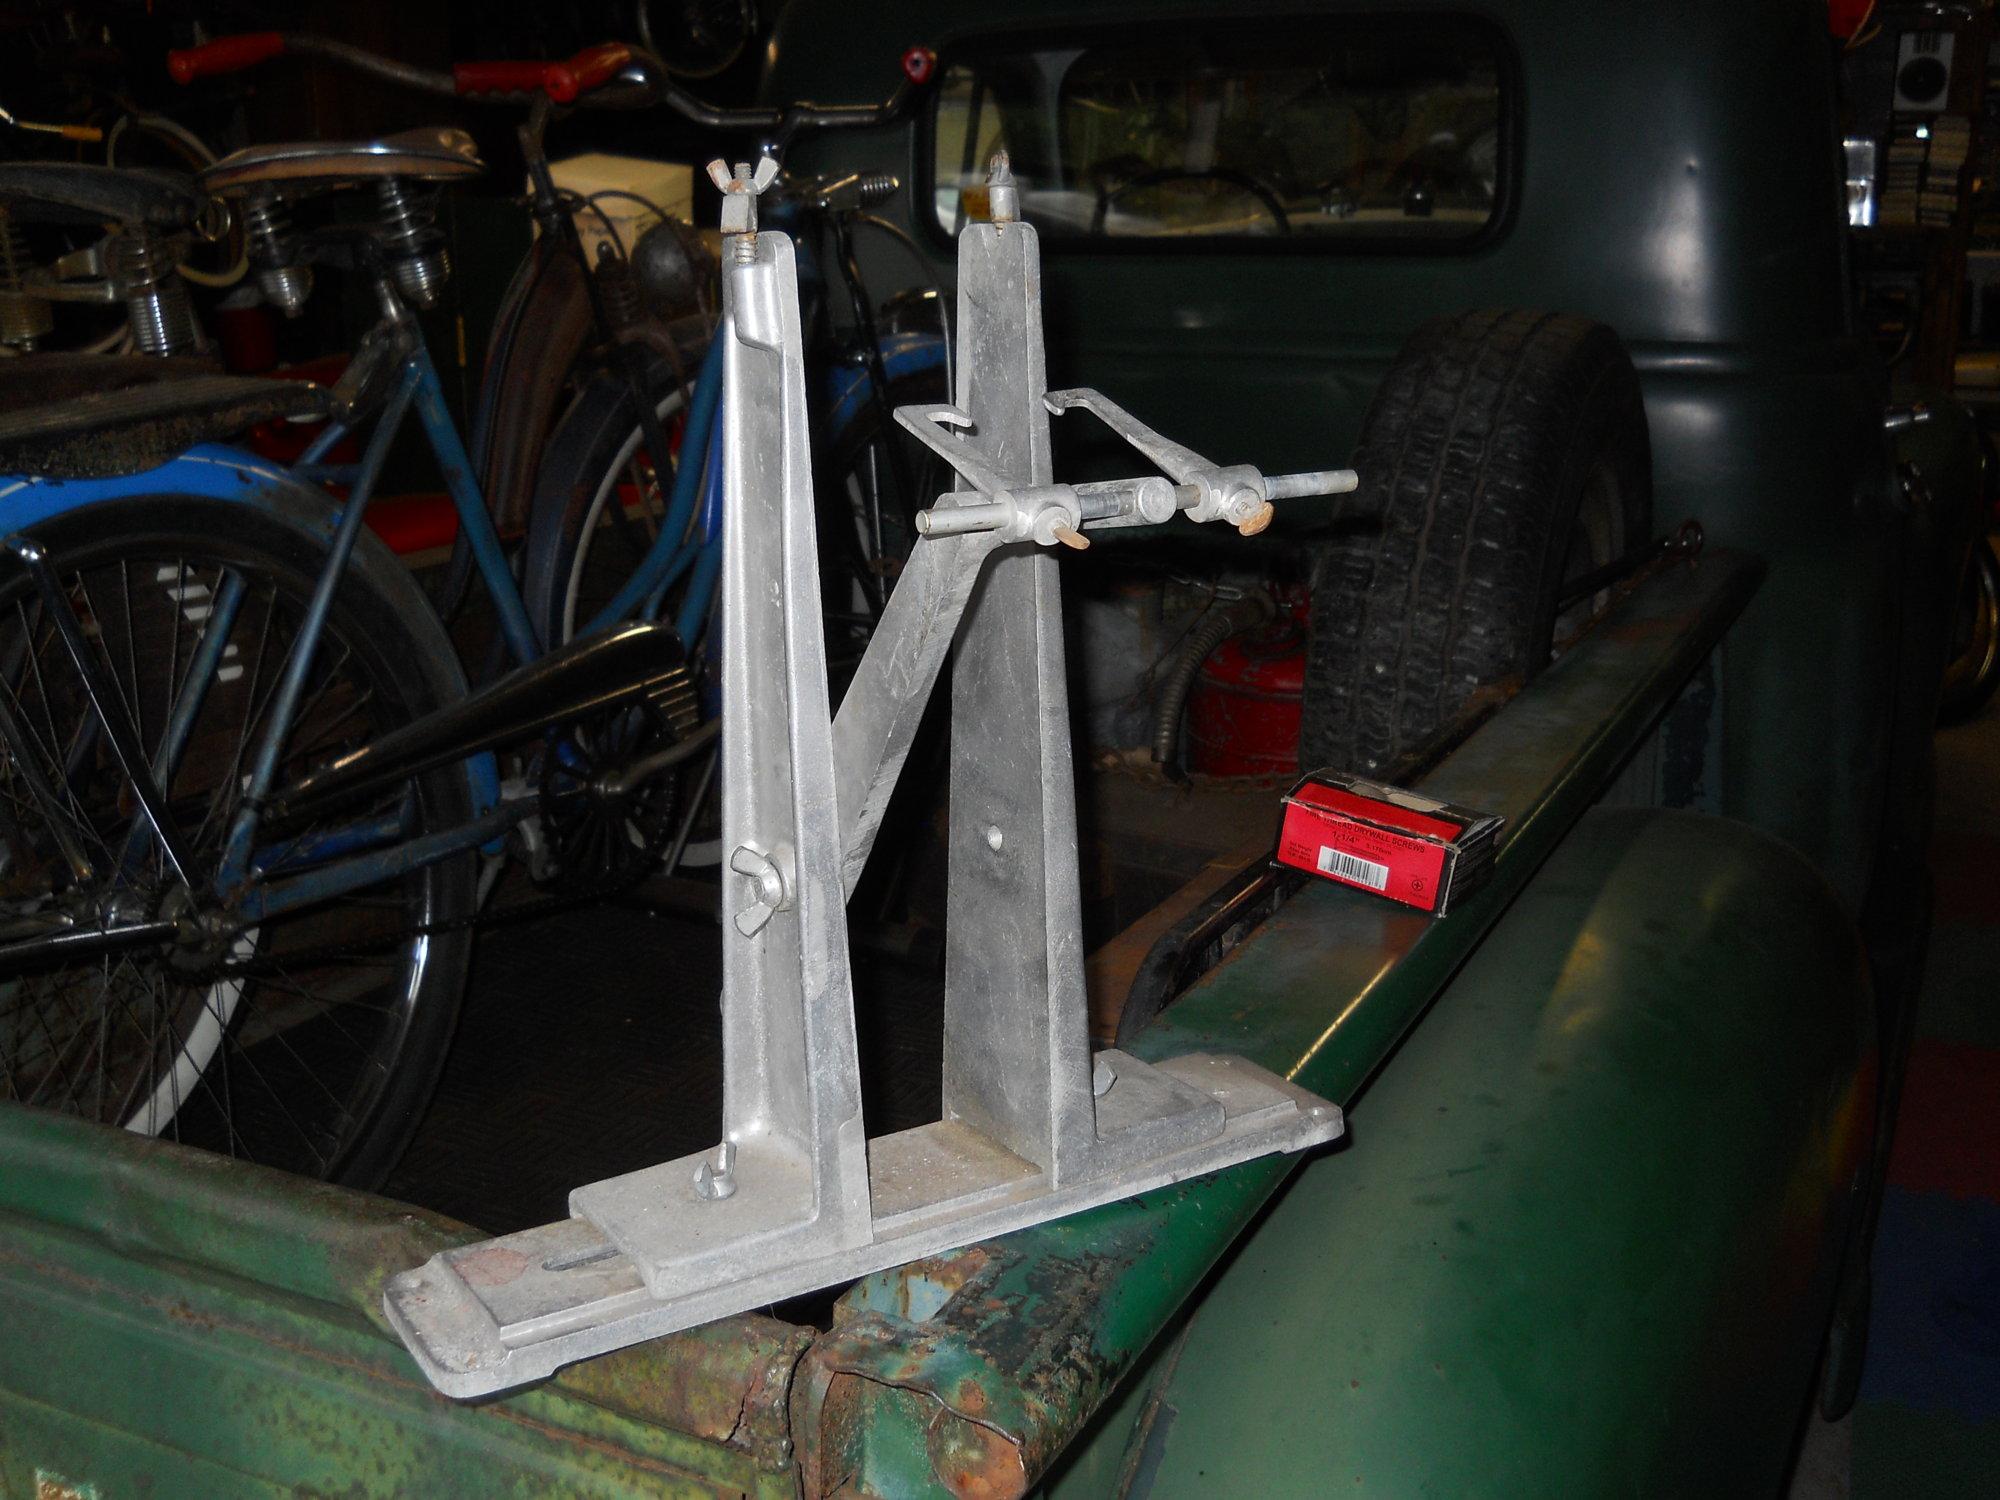 wheel truing stand.JPG